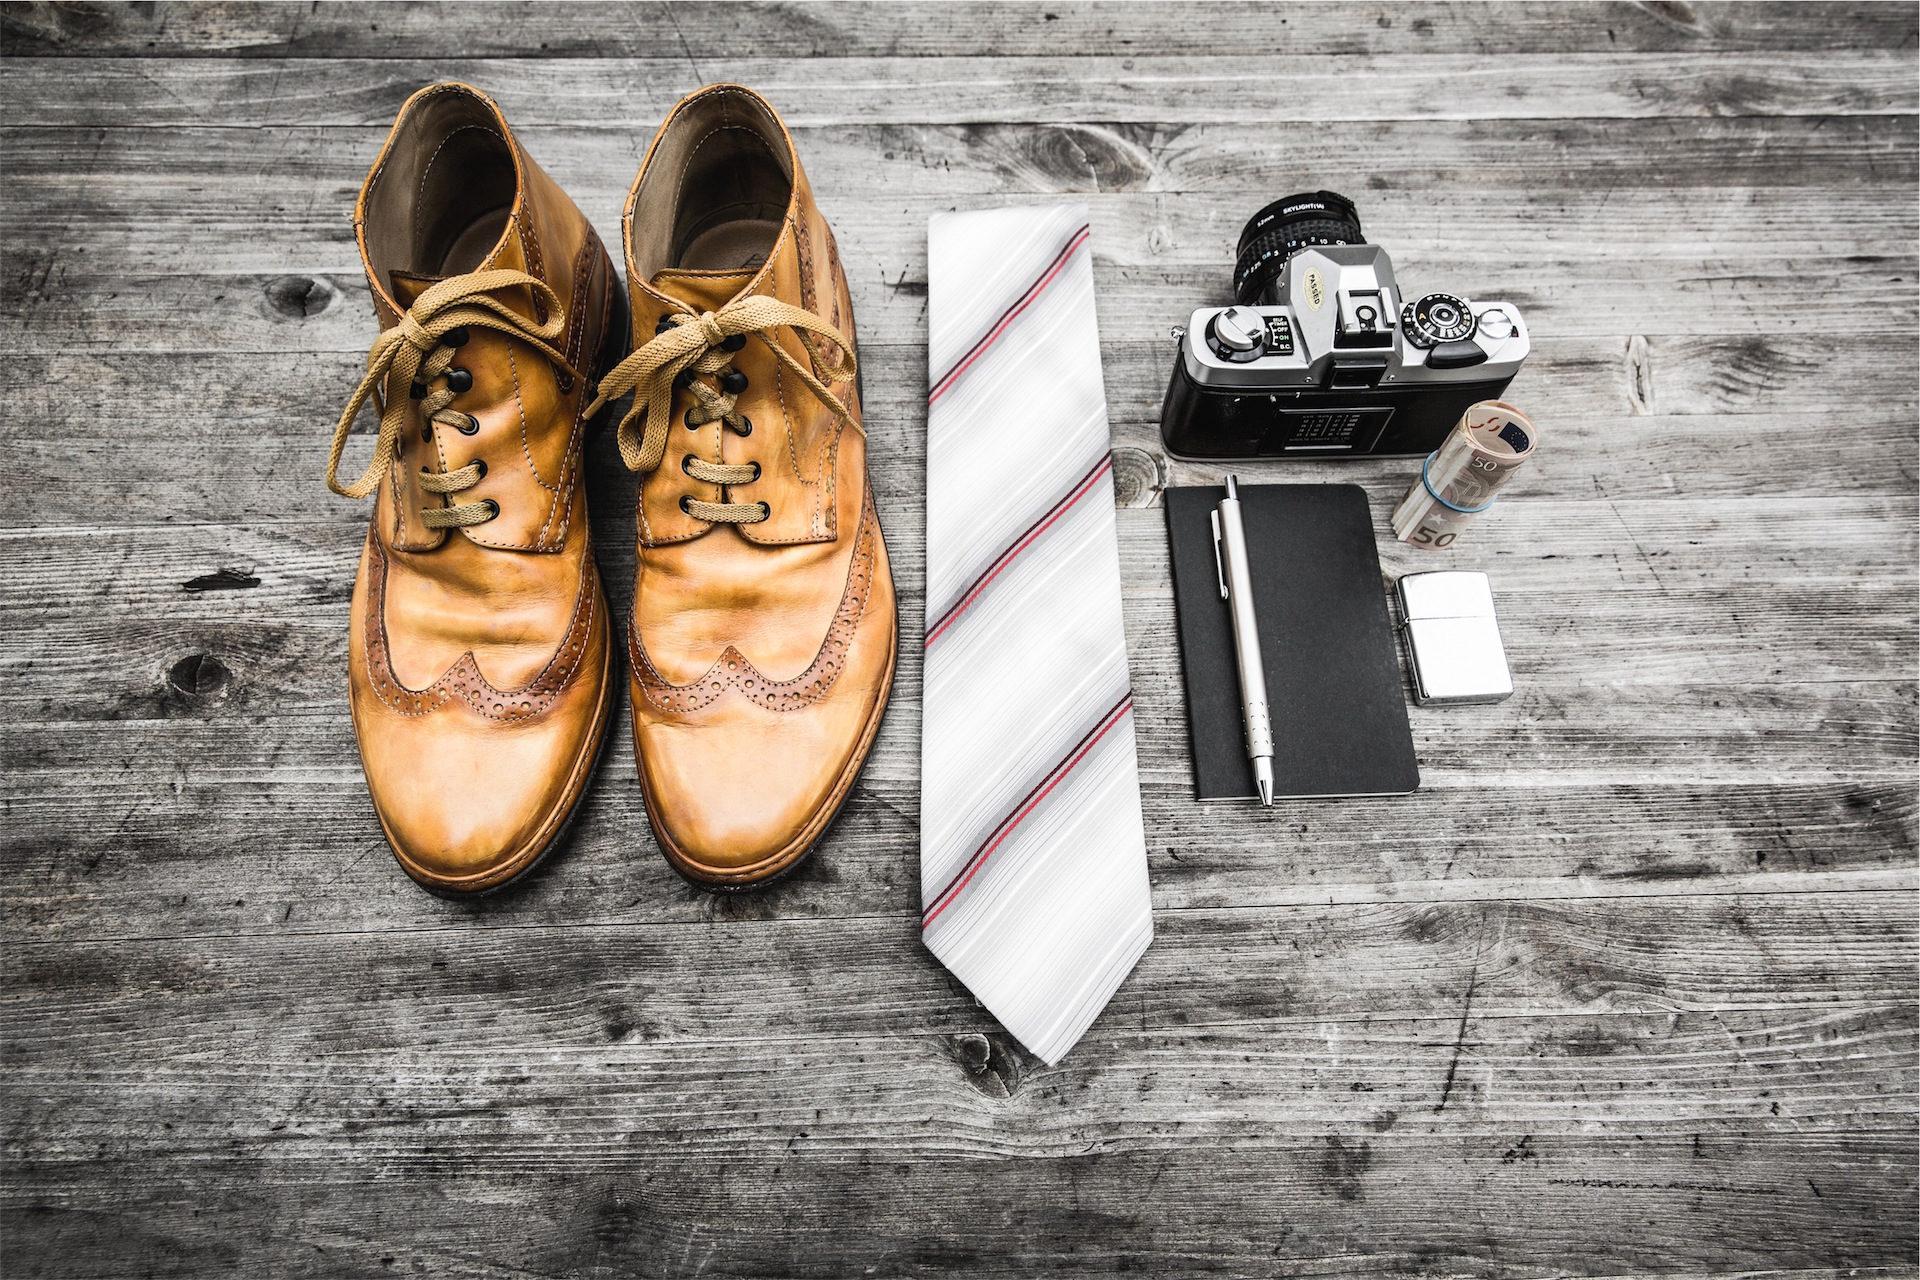 जूते, एजेंडा, टाई, कैमरा, लकड़ी - HD वॉलपेपर - प्रोफेसर-falken.com